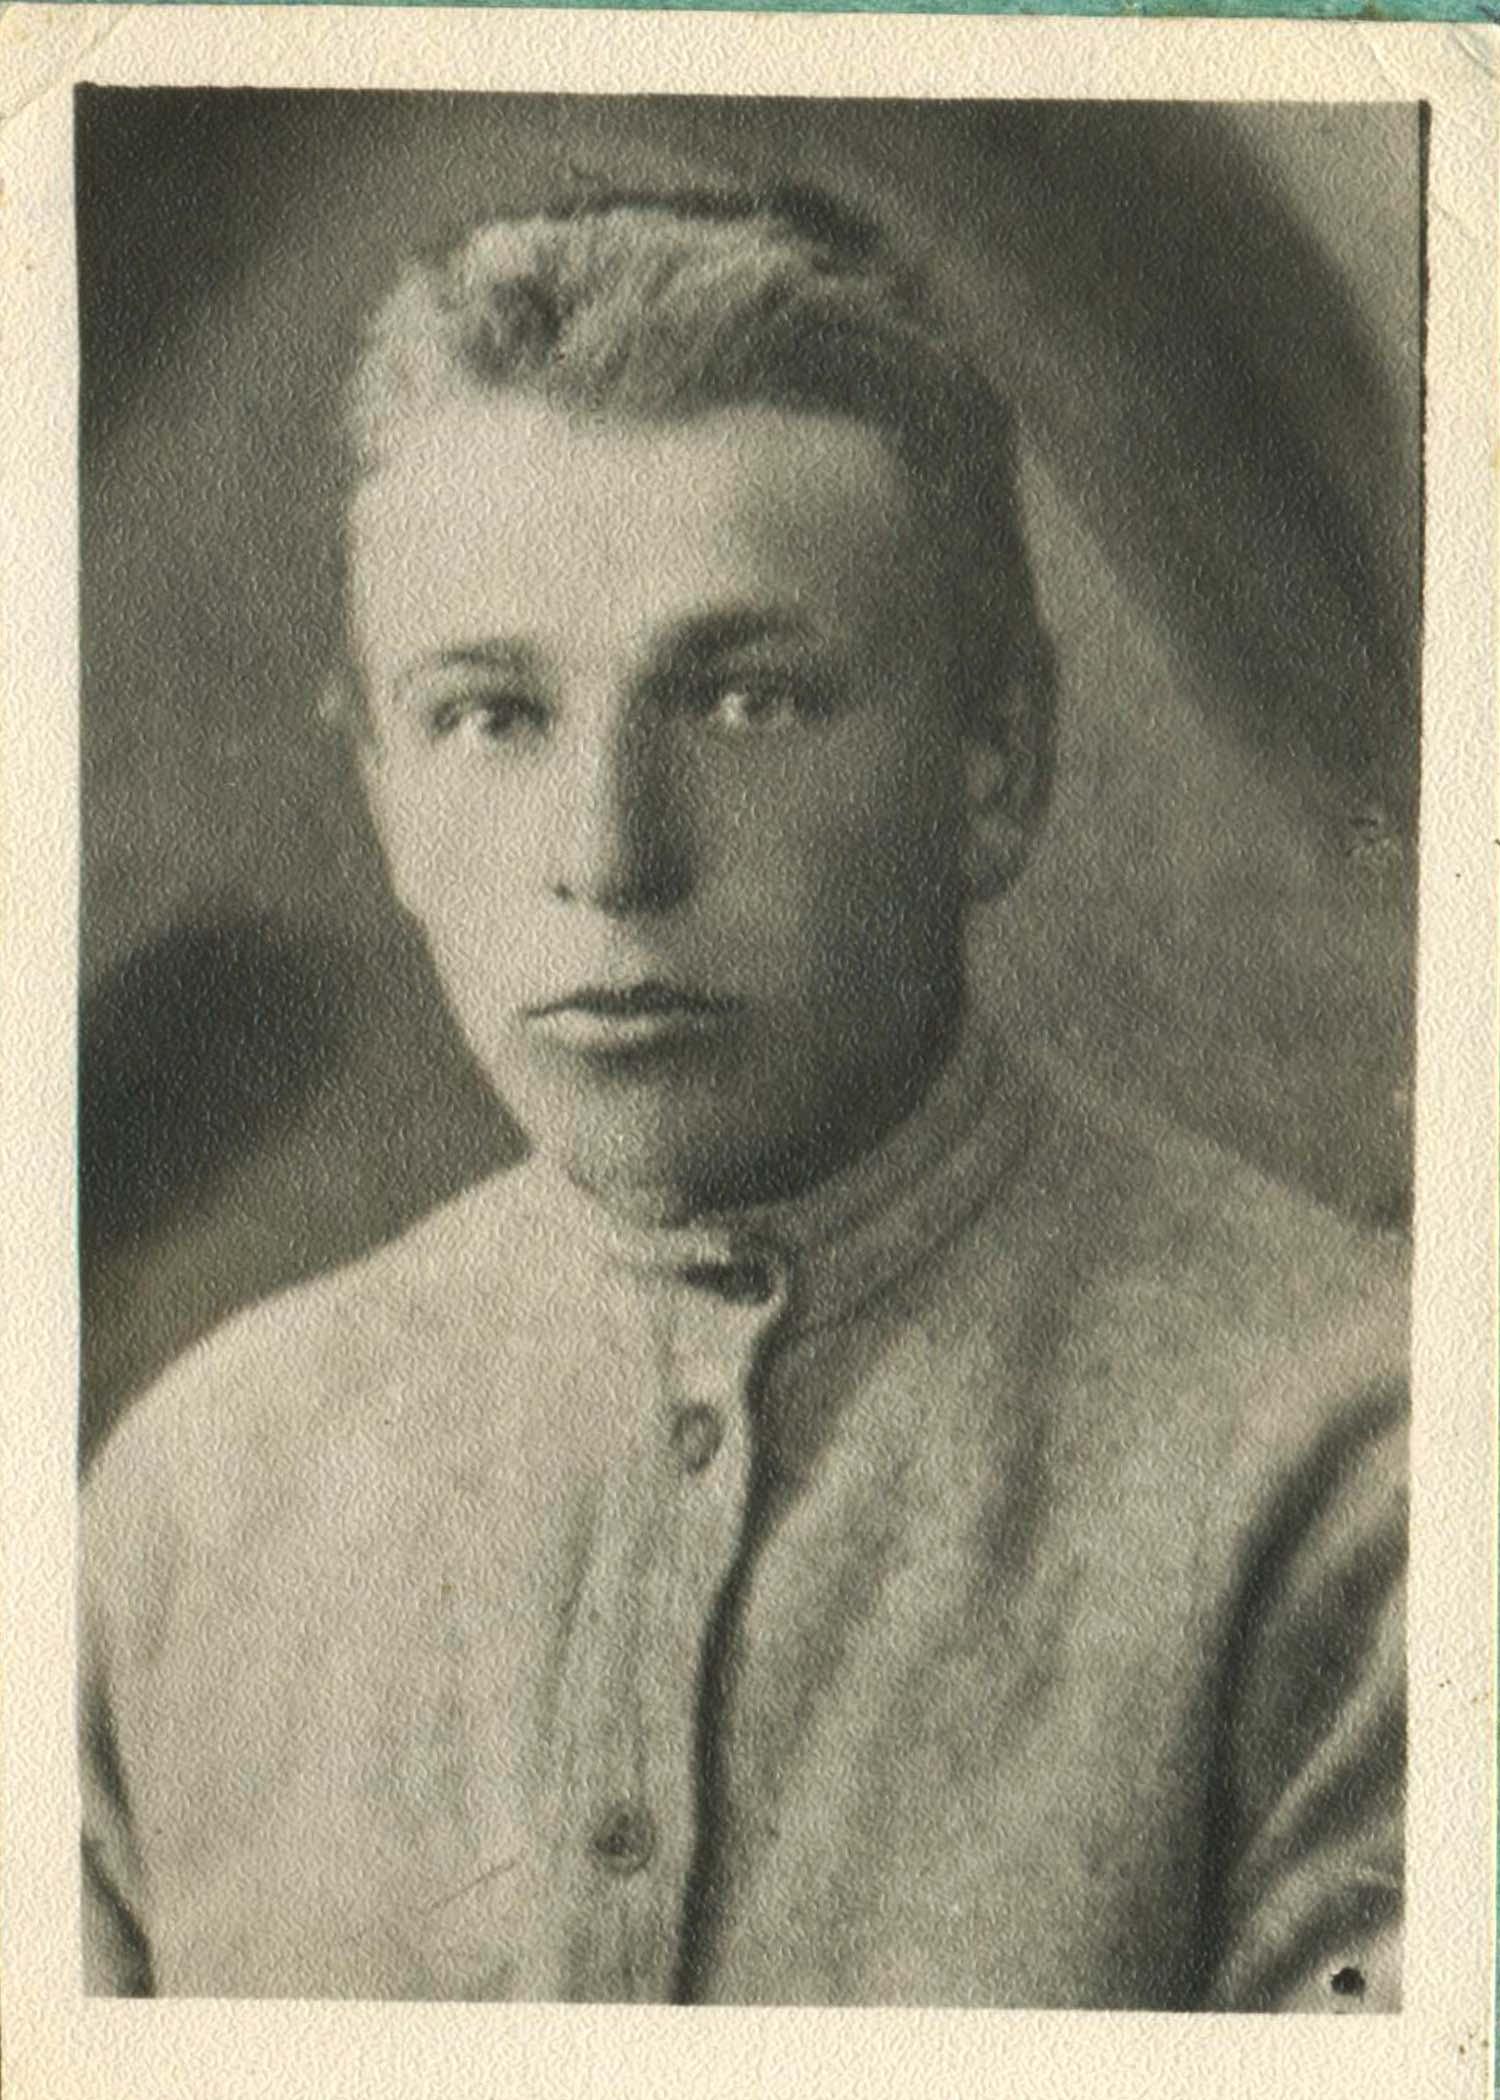 29. Ян Петерсон. Фото со студенческого билета